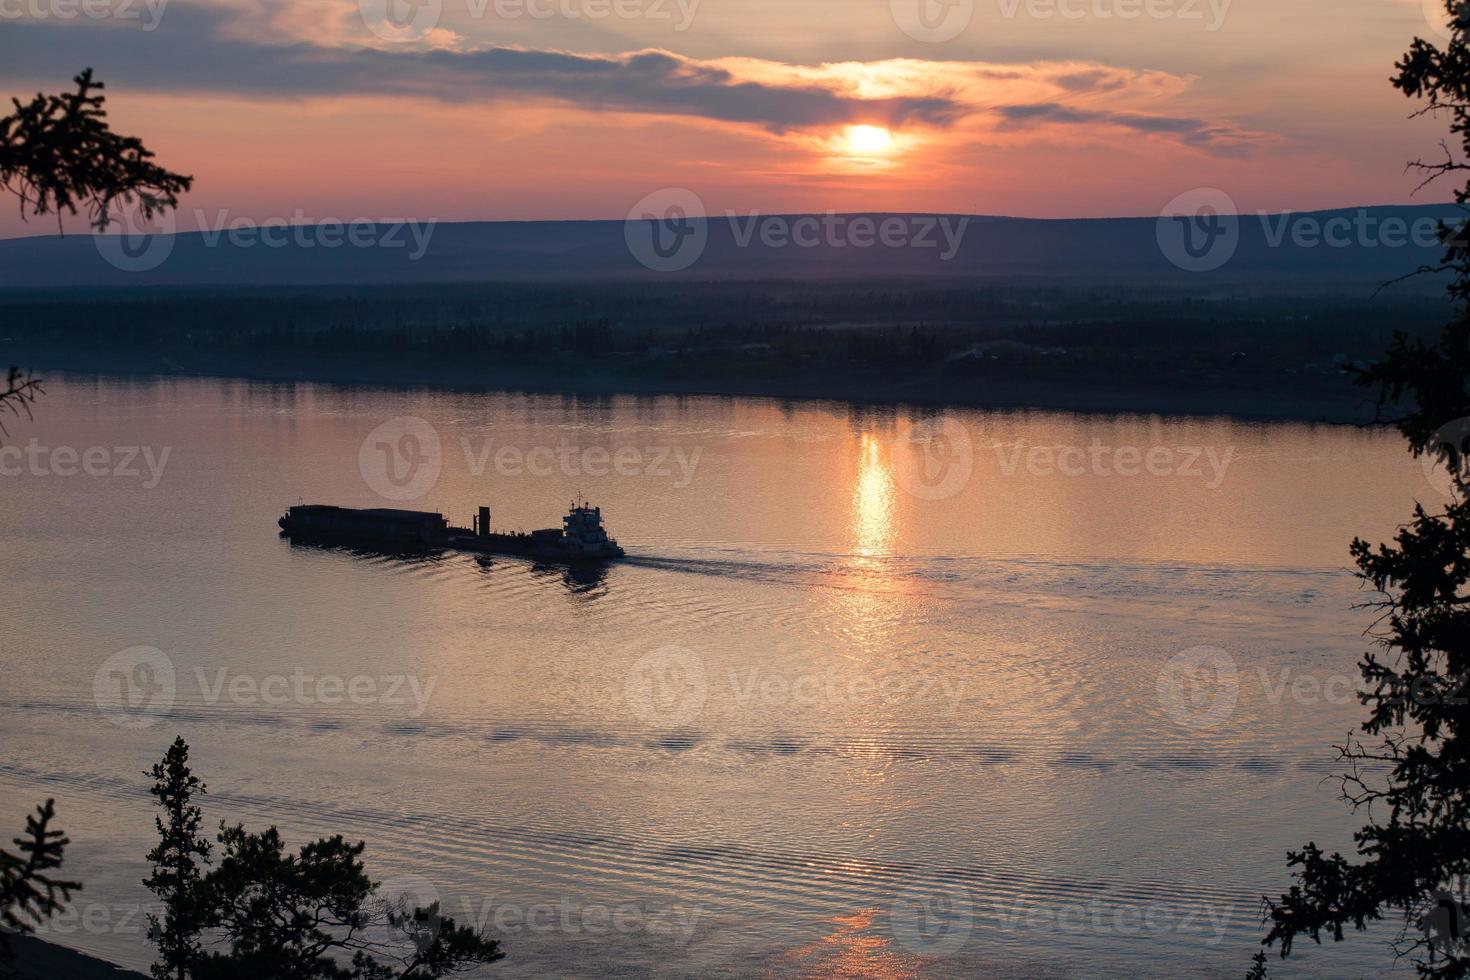 chiatta con carico che sale sul fiume. foto